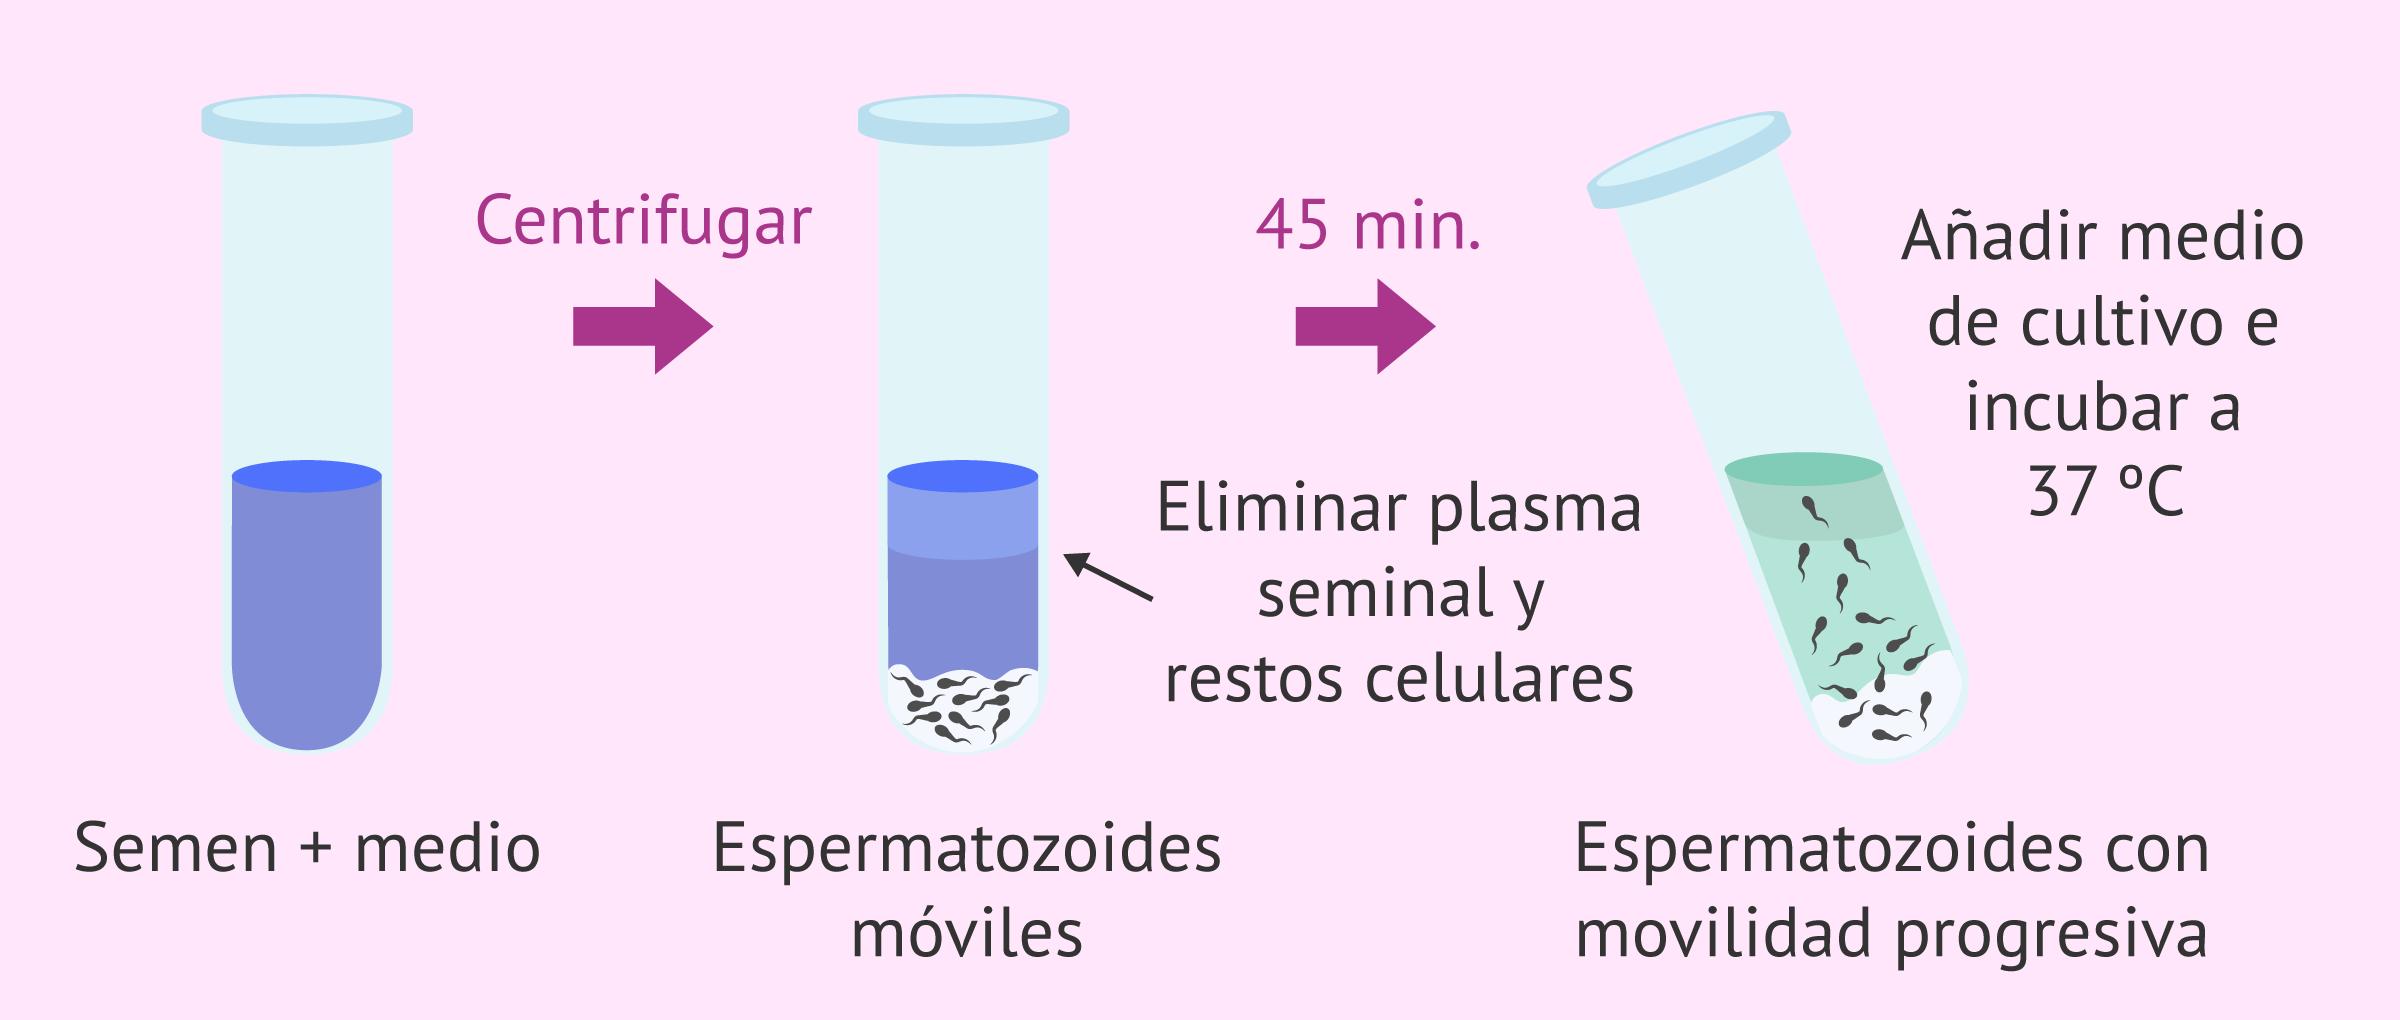 swim-up-espermatozoides